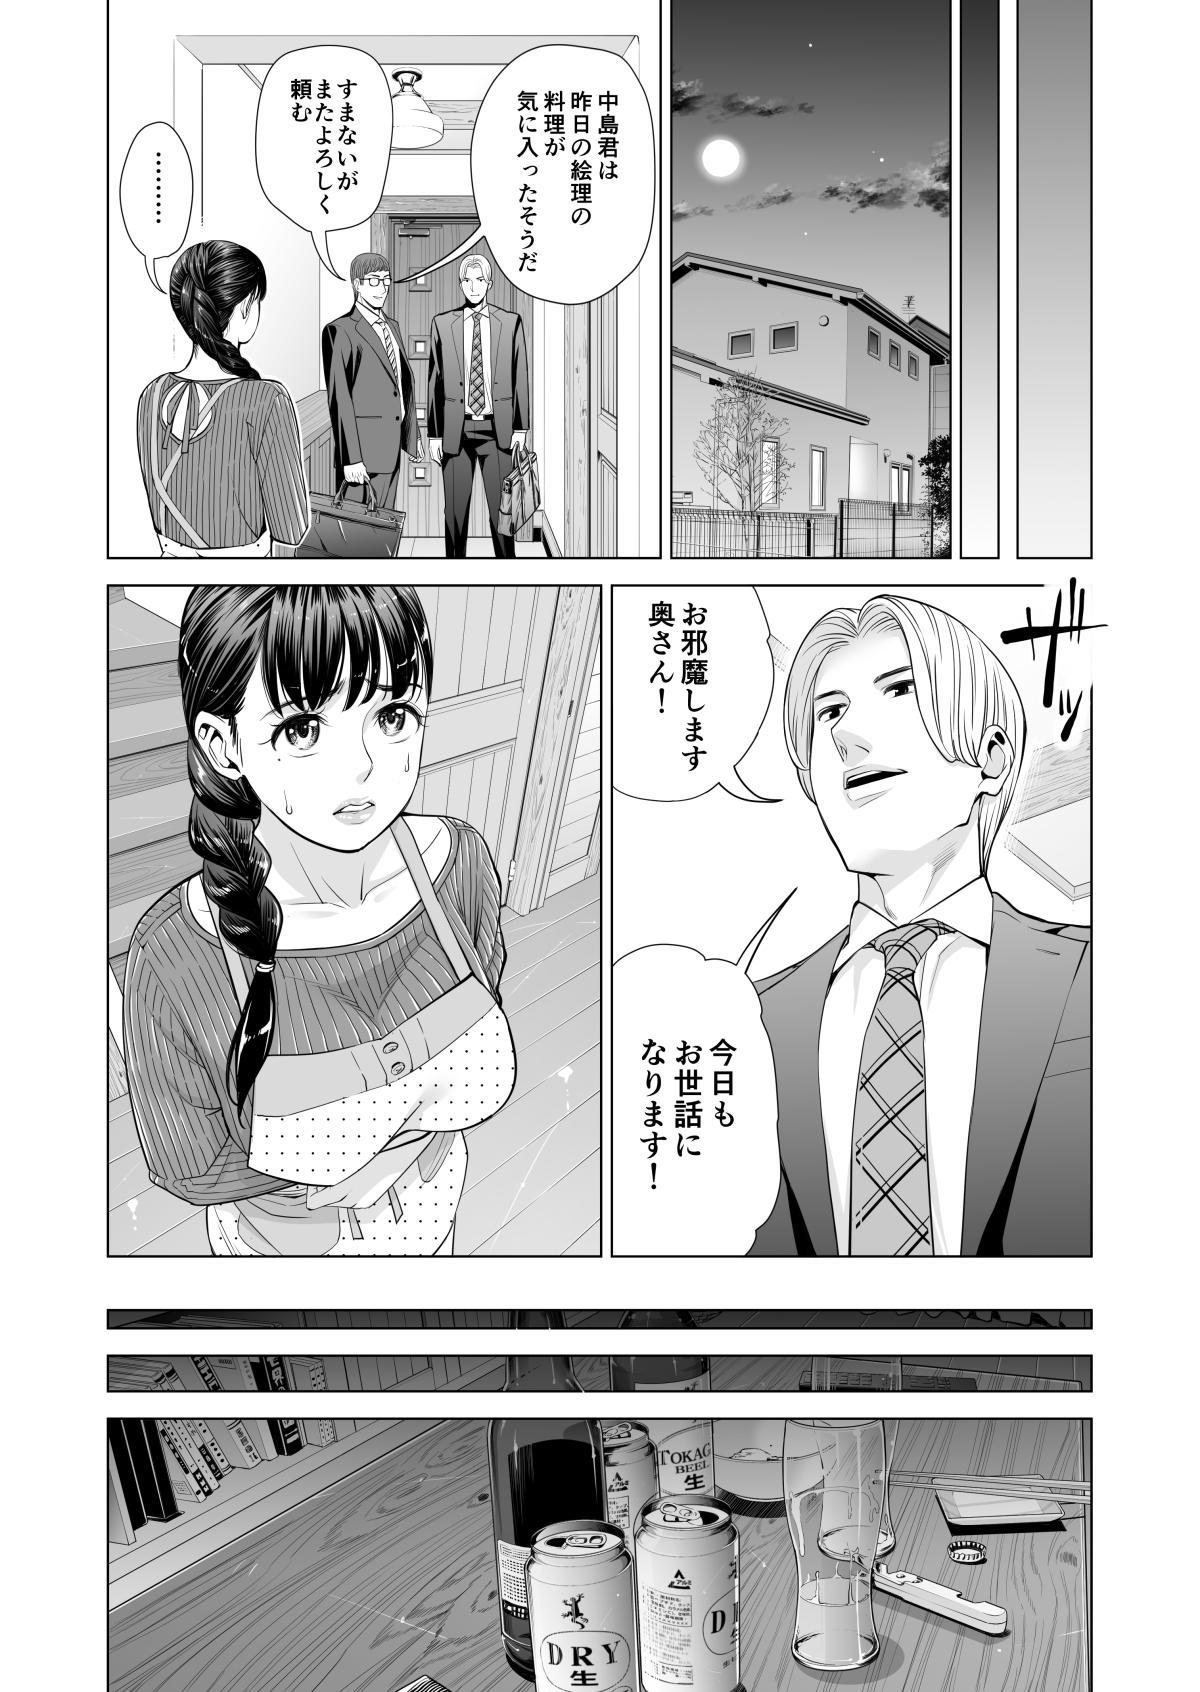 Tsukiyo no Midare Sake 9